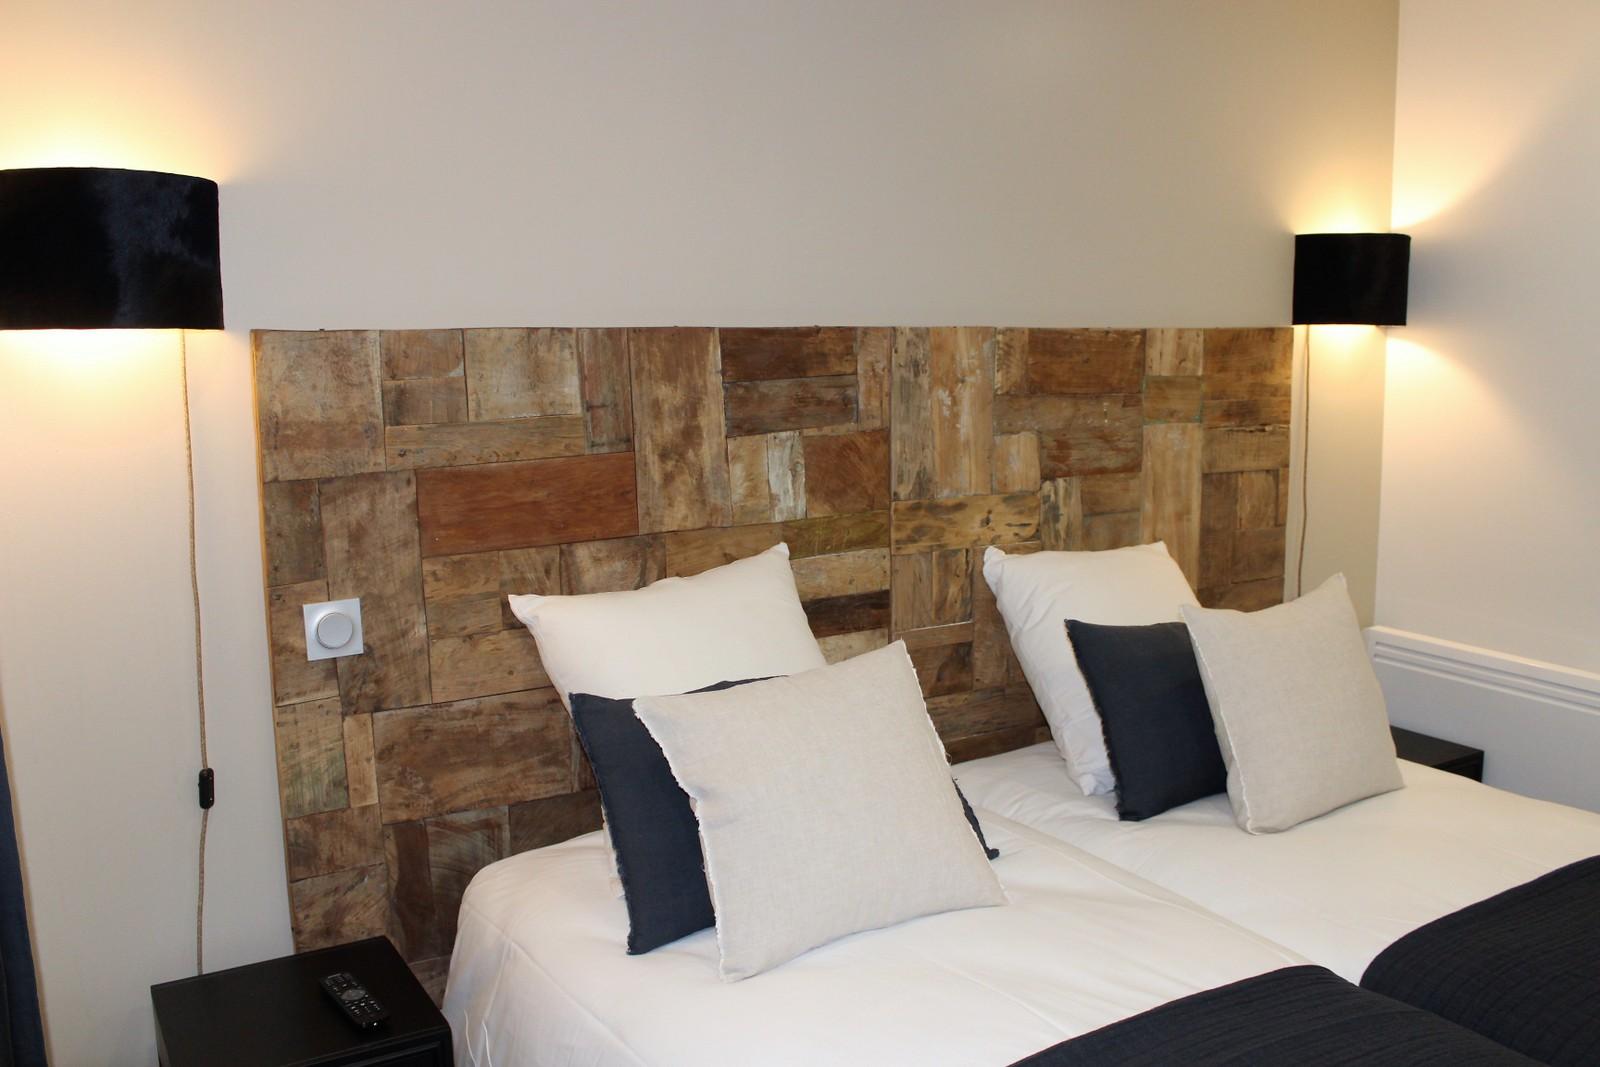 confort 2 lits lit double 2 alpes matière literie hotelière